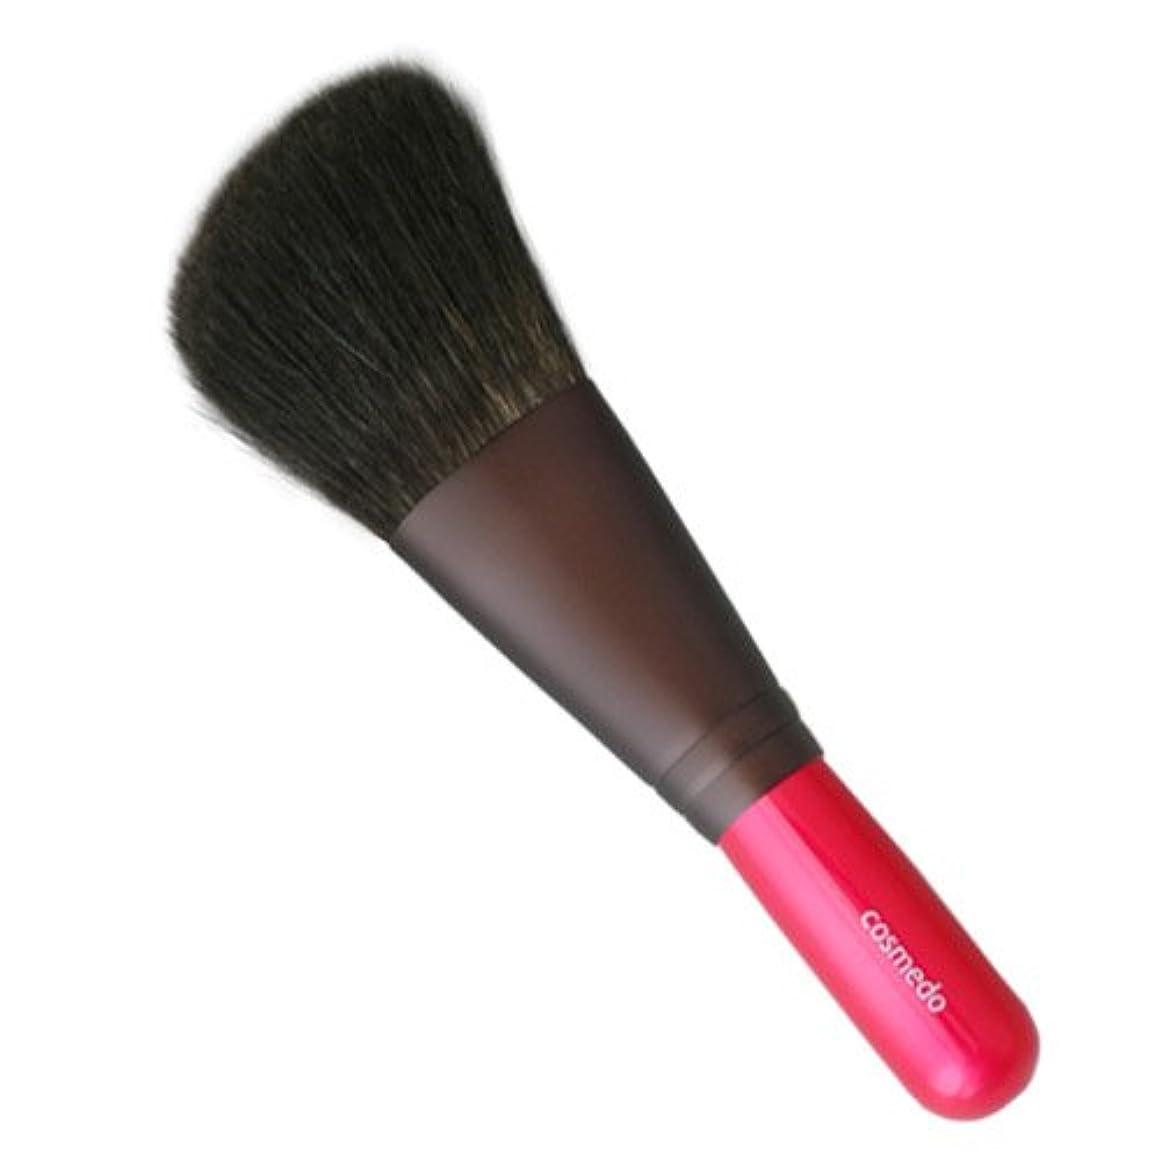 提供ケーキ適切に匠の化粧筆コスメ堂 熊野筆 メイクブラシ 灰リス100% ナナメ フェイスブラシ(パウダーブラシ)日本製 ショートタイプ PK-F01